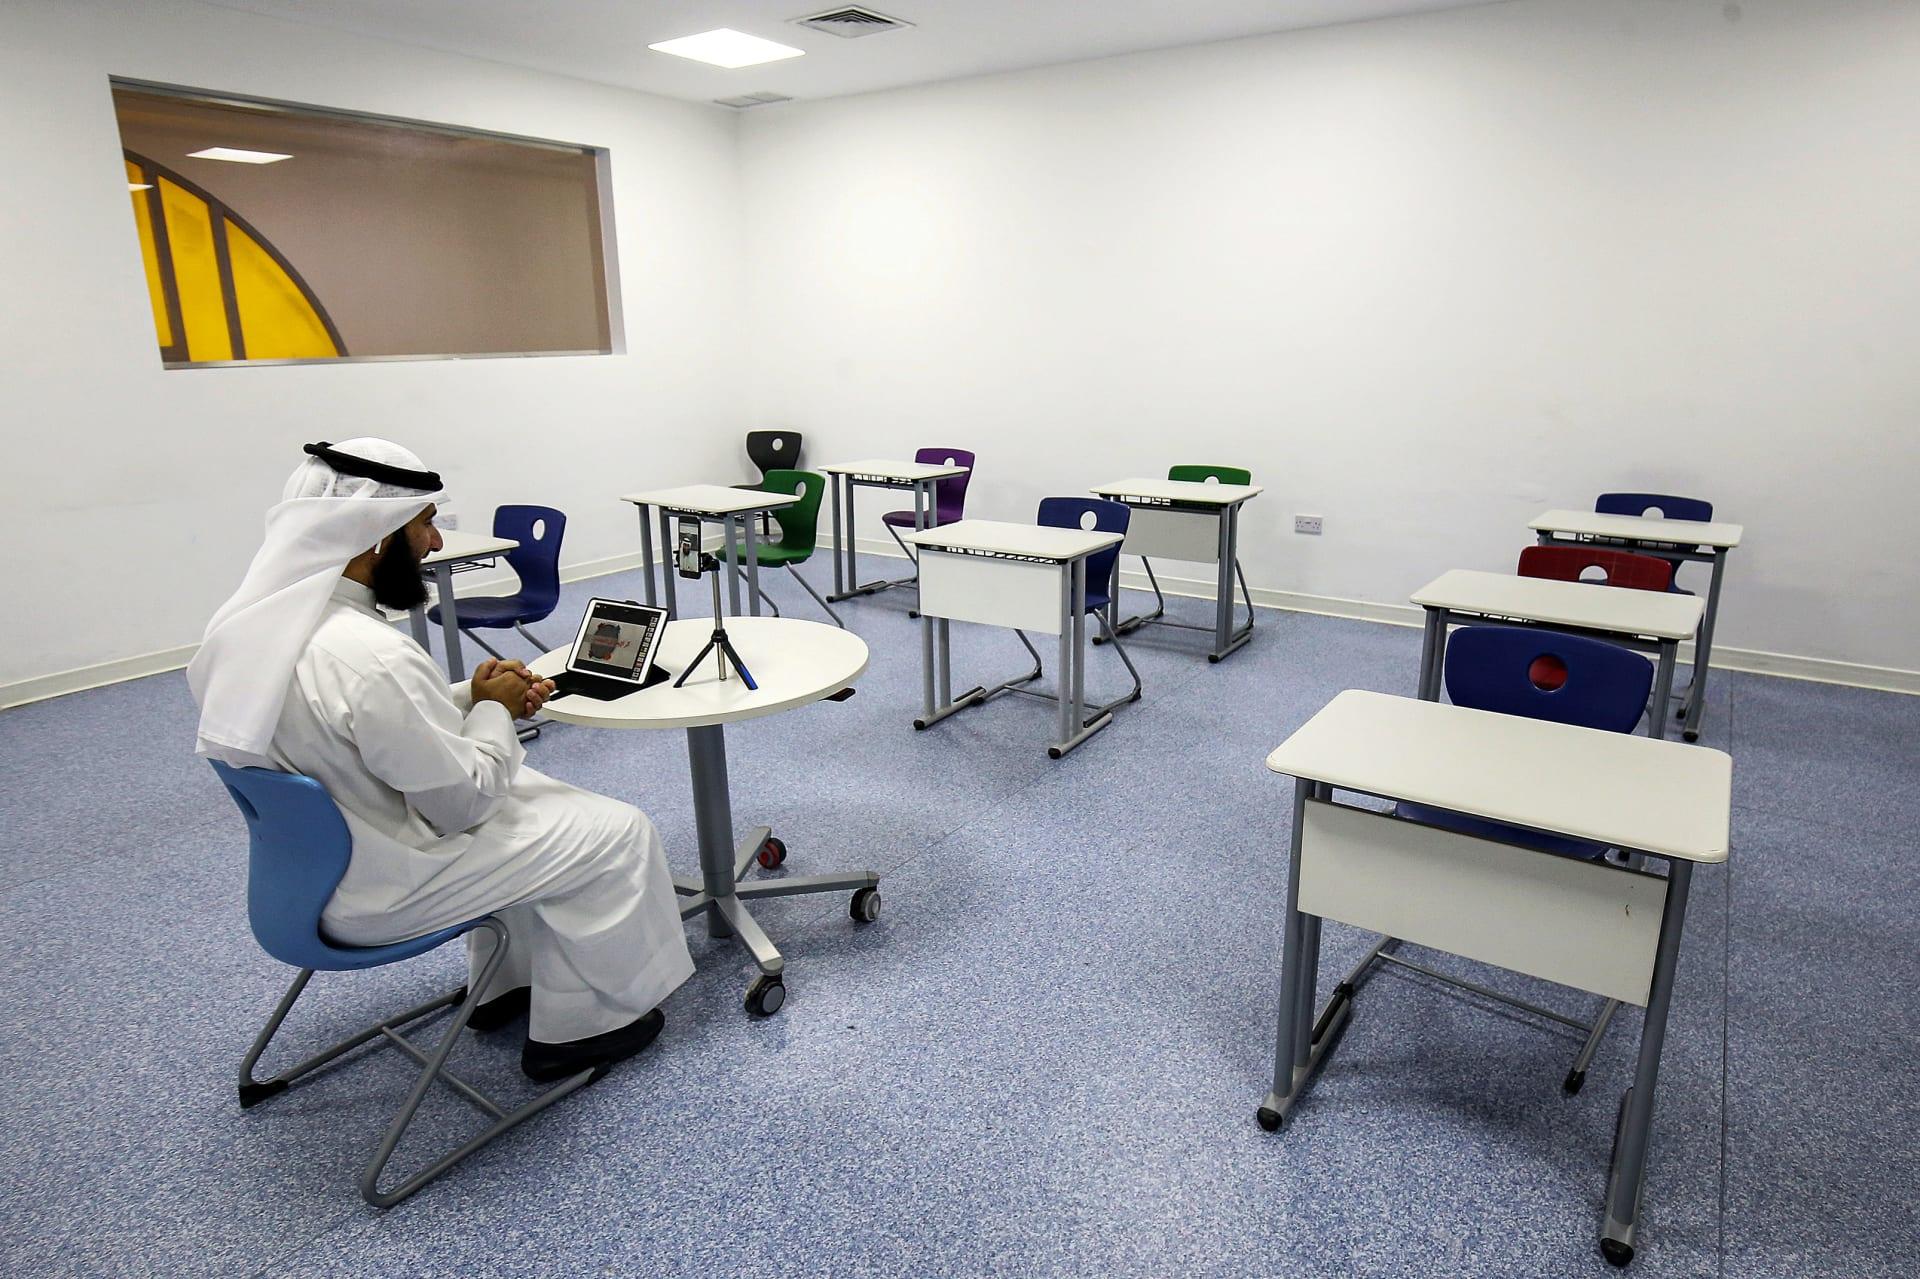 ضرورة وليس مجرد خيار.. كيف ستغير تكنولوجيا التعليم دول الخليج الآن وما بعد جائحة كورونا؟